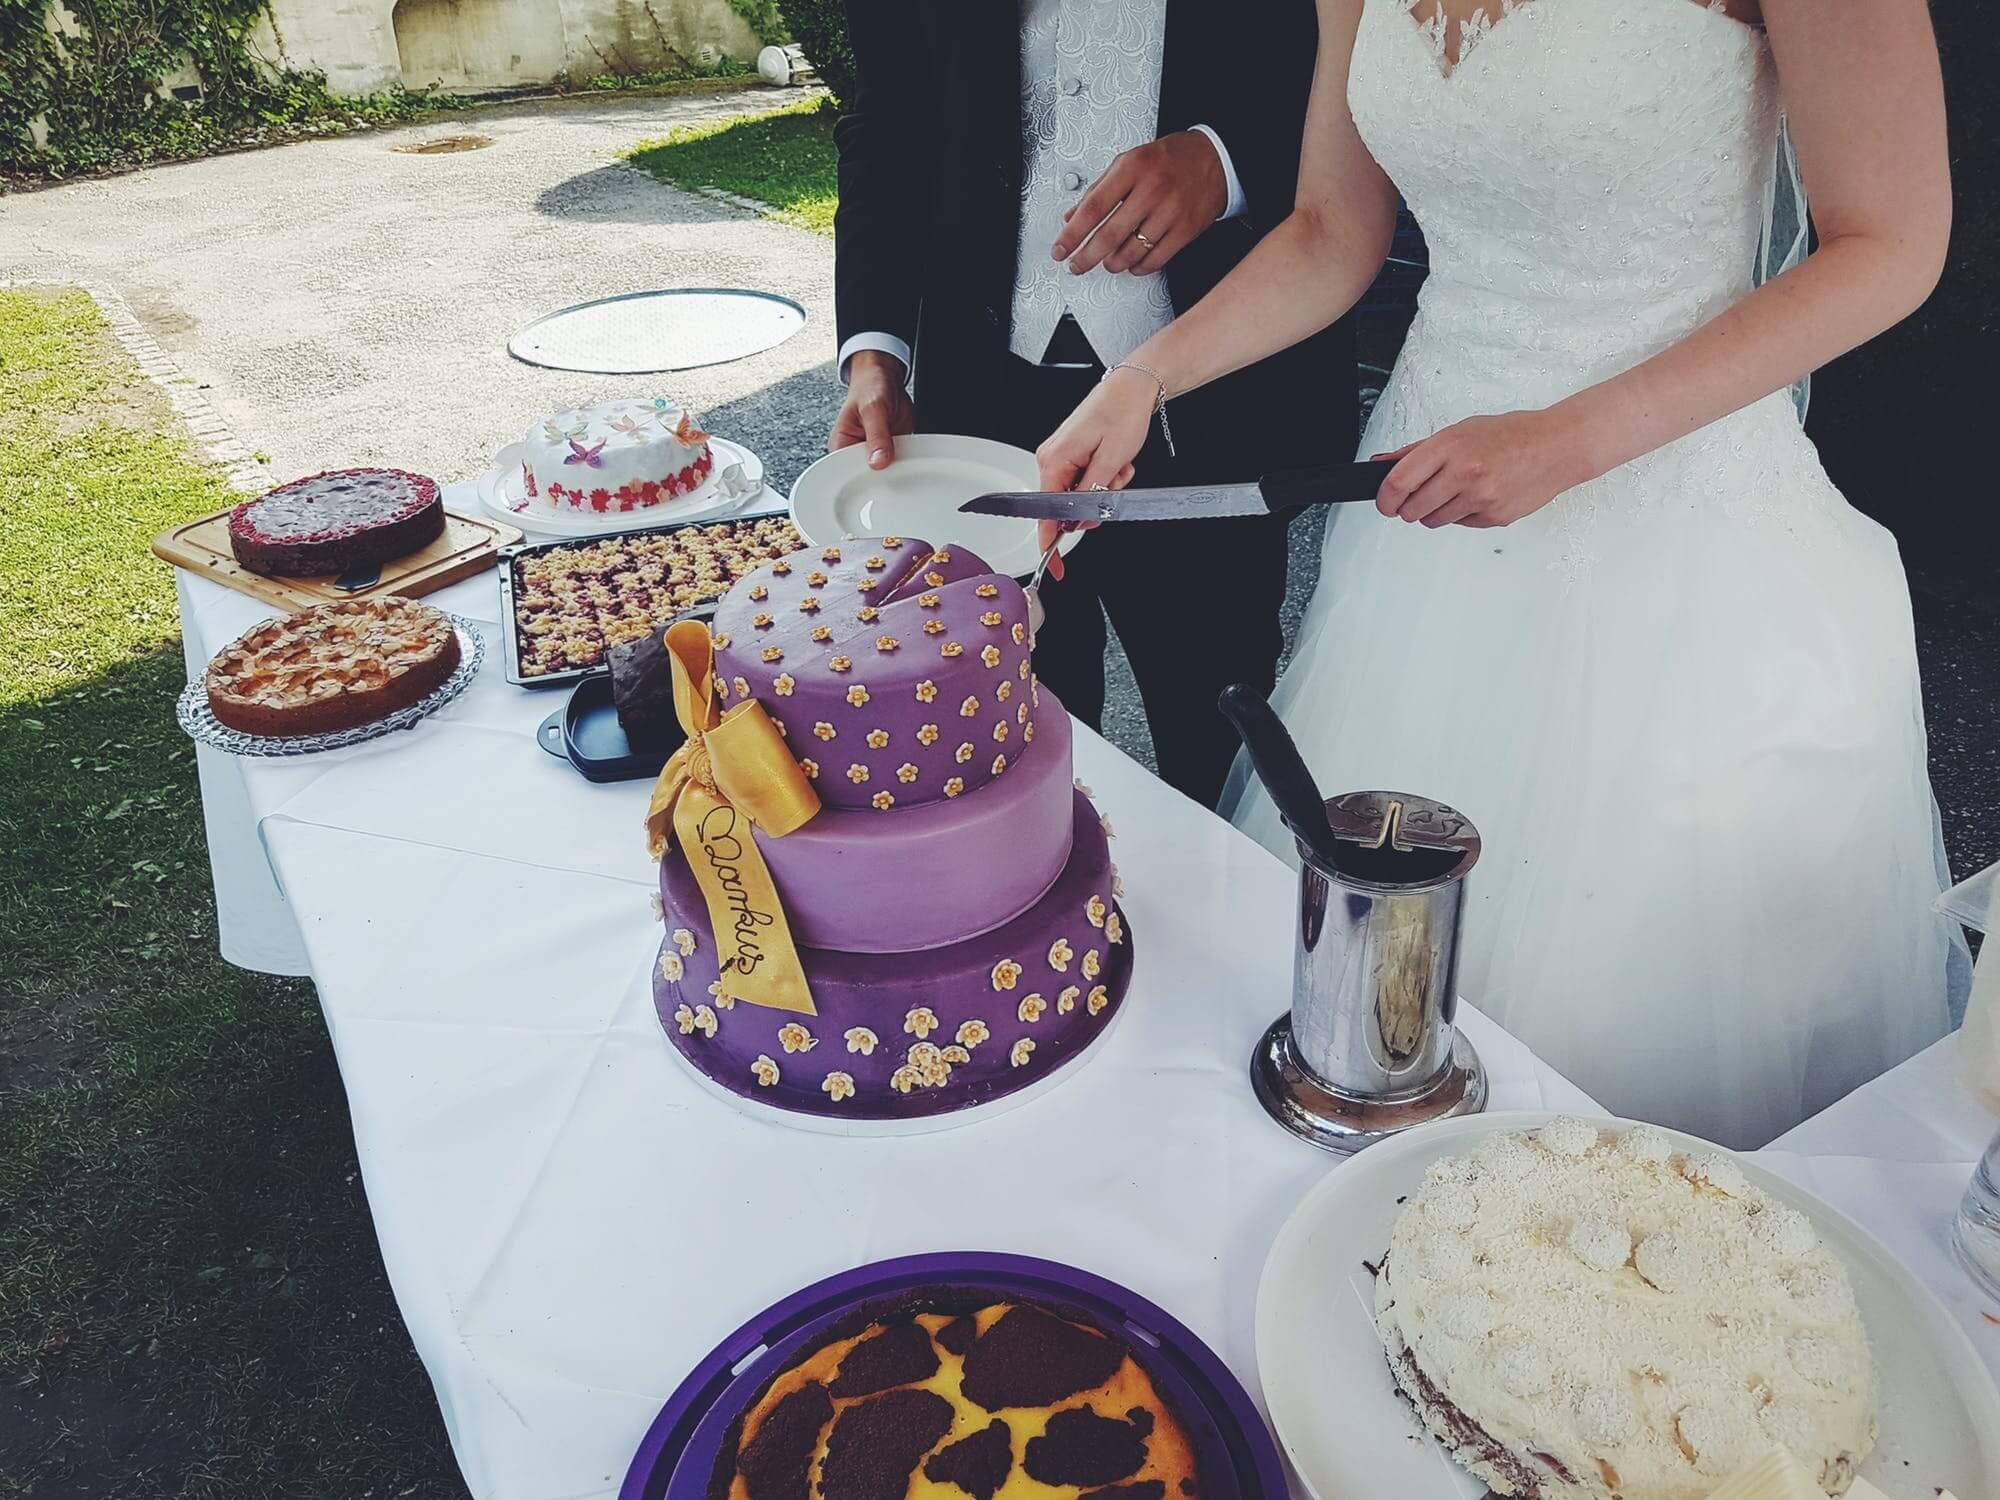 Bogato zdobiony tort weselny